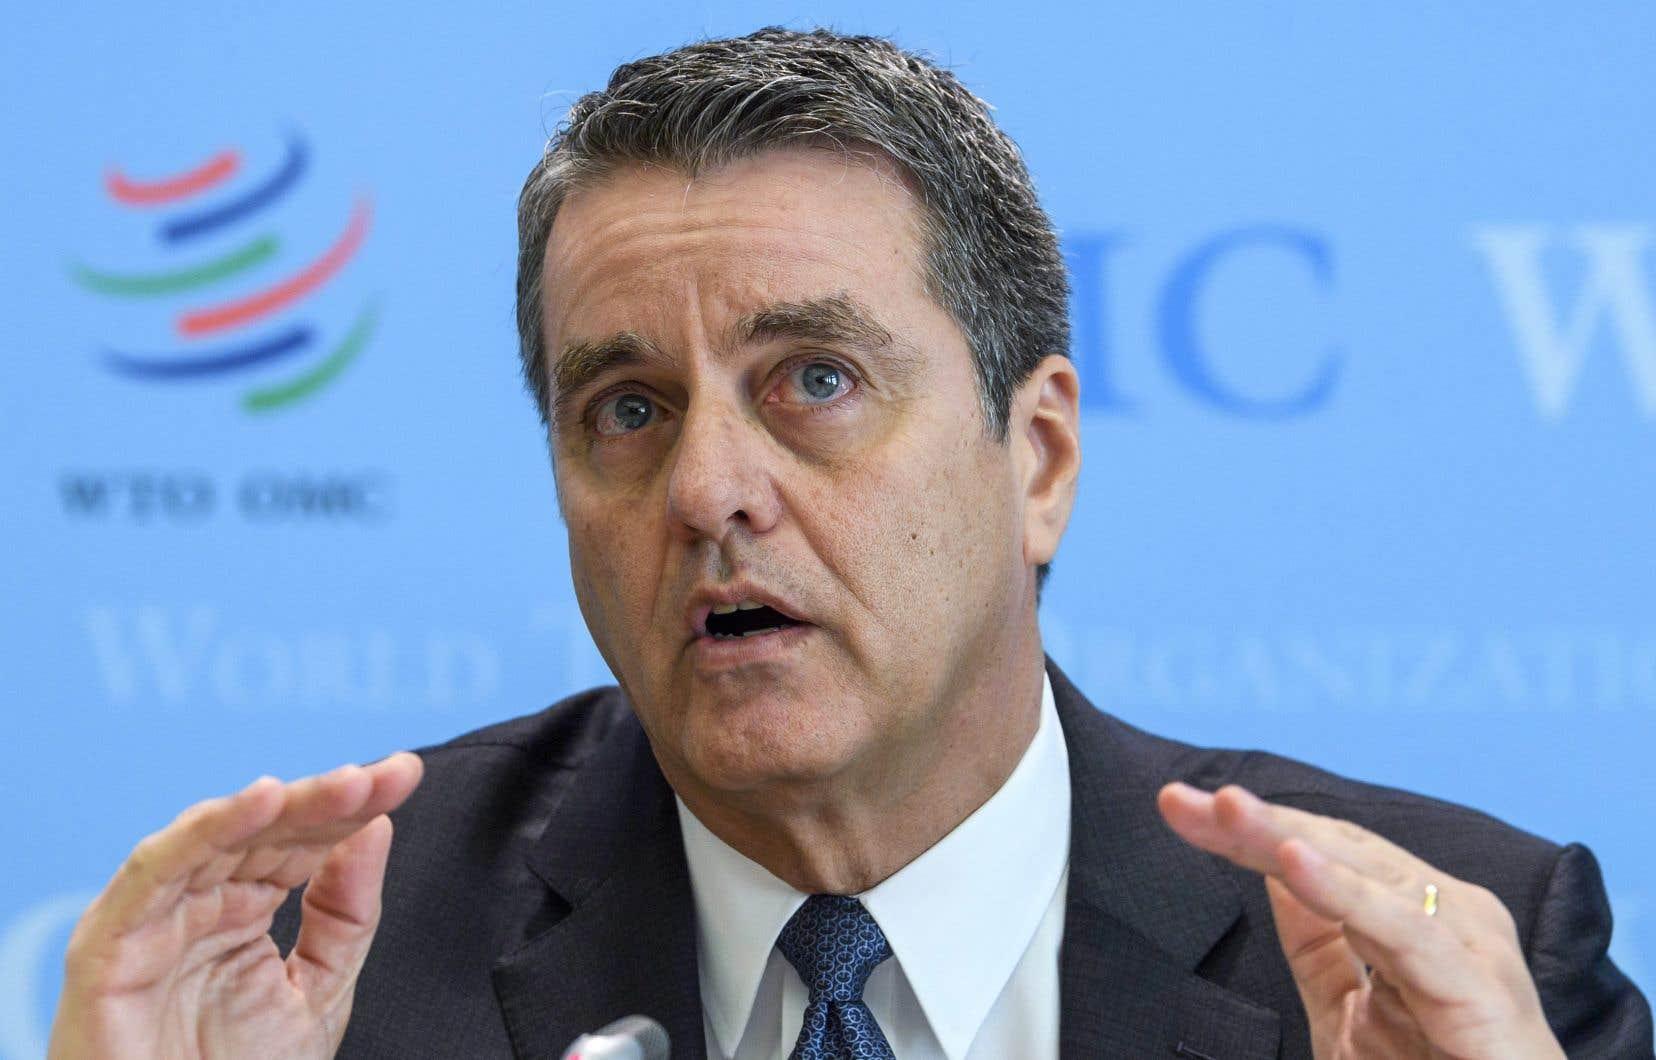 «Un cycle de représailles est la dernière chose dont l'économie mondiale ait besoin», a insisté le directeur général de l'OMC, Roberto Azevedo.